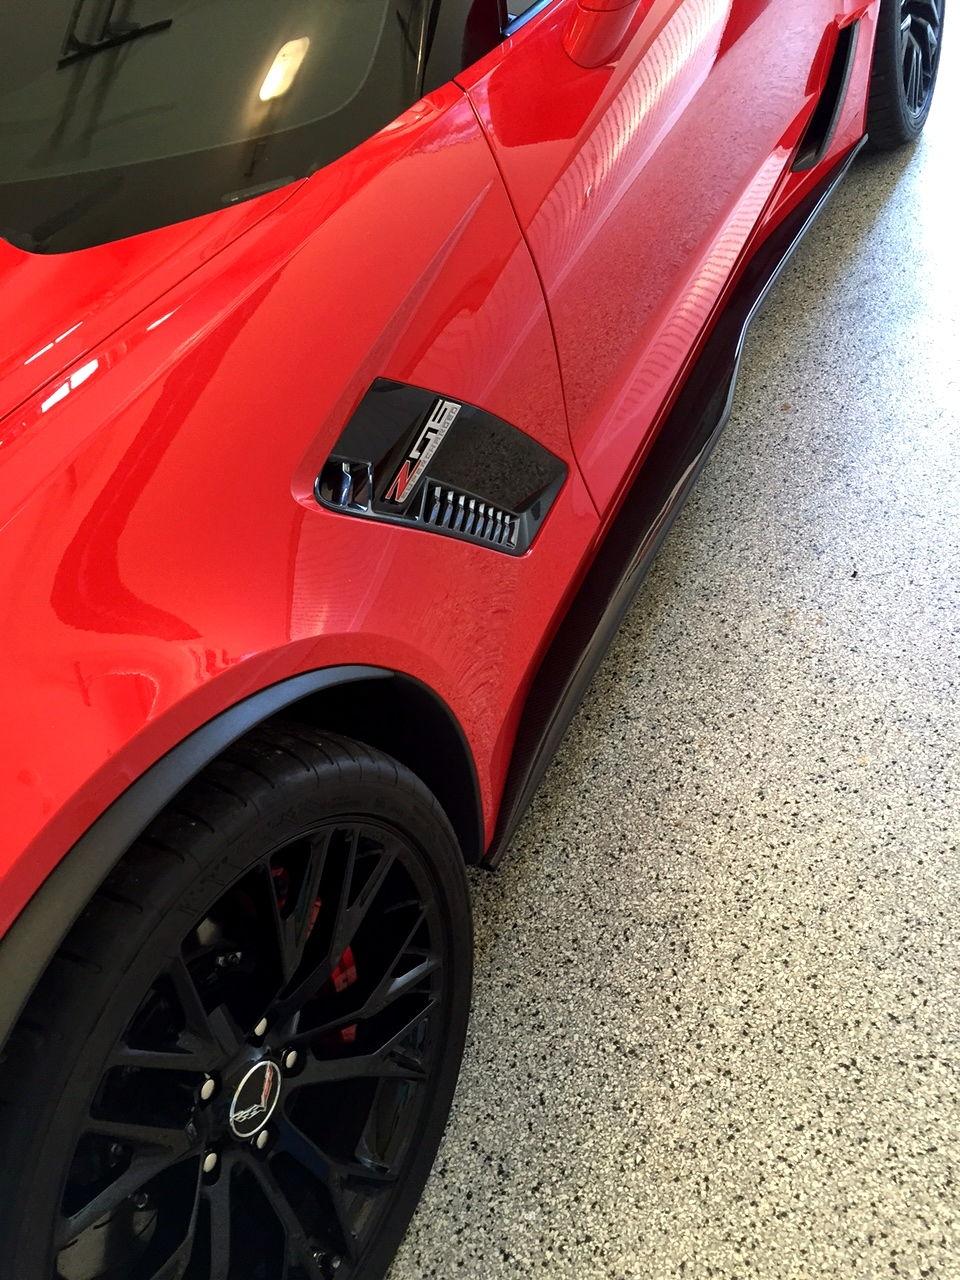 2014 2015 c7 corvette stingray z06 painted front splitter available for base or z06